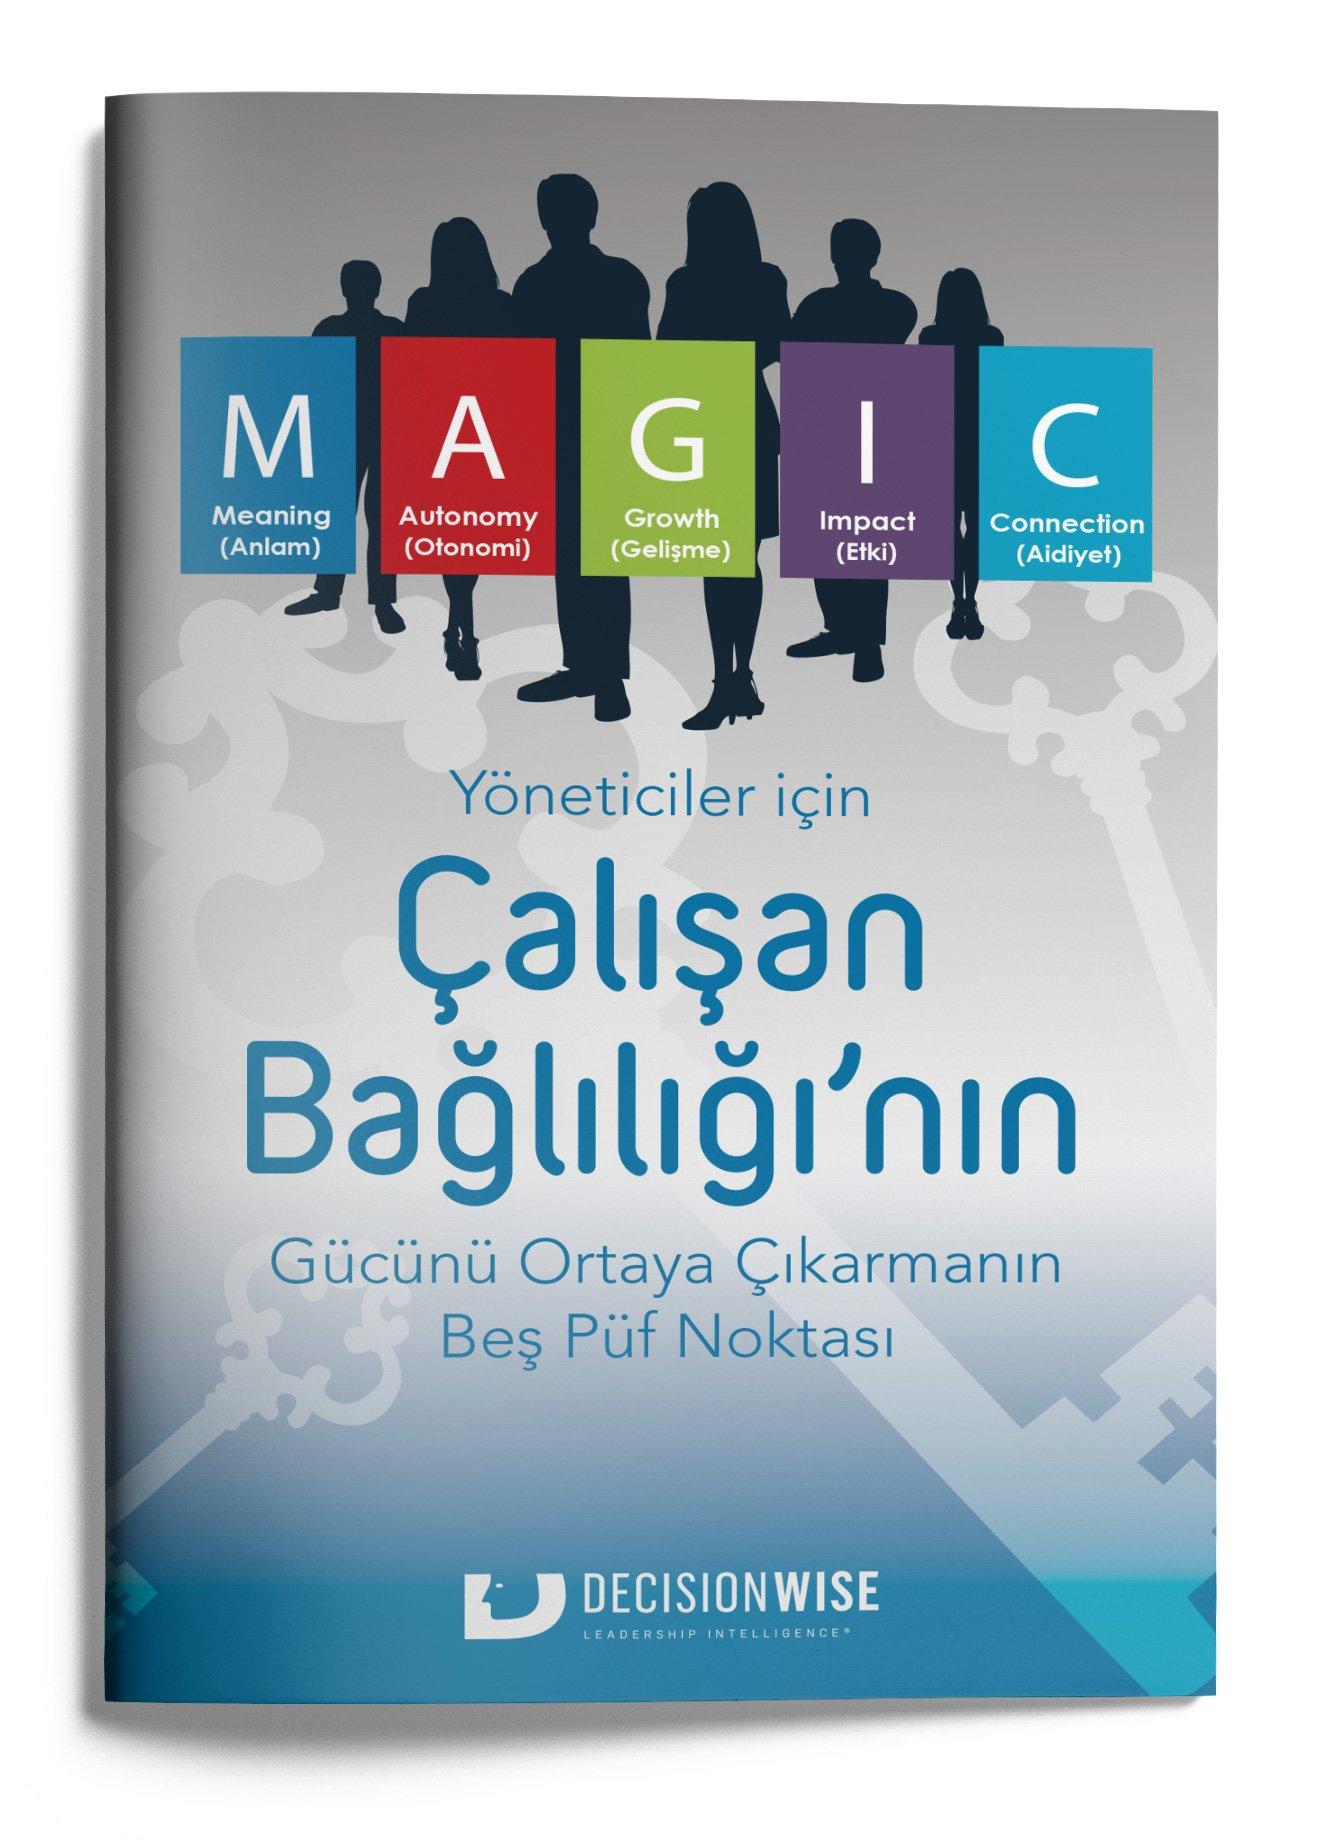 Magic-Mini-Booklet